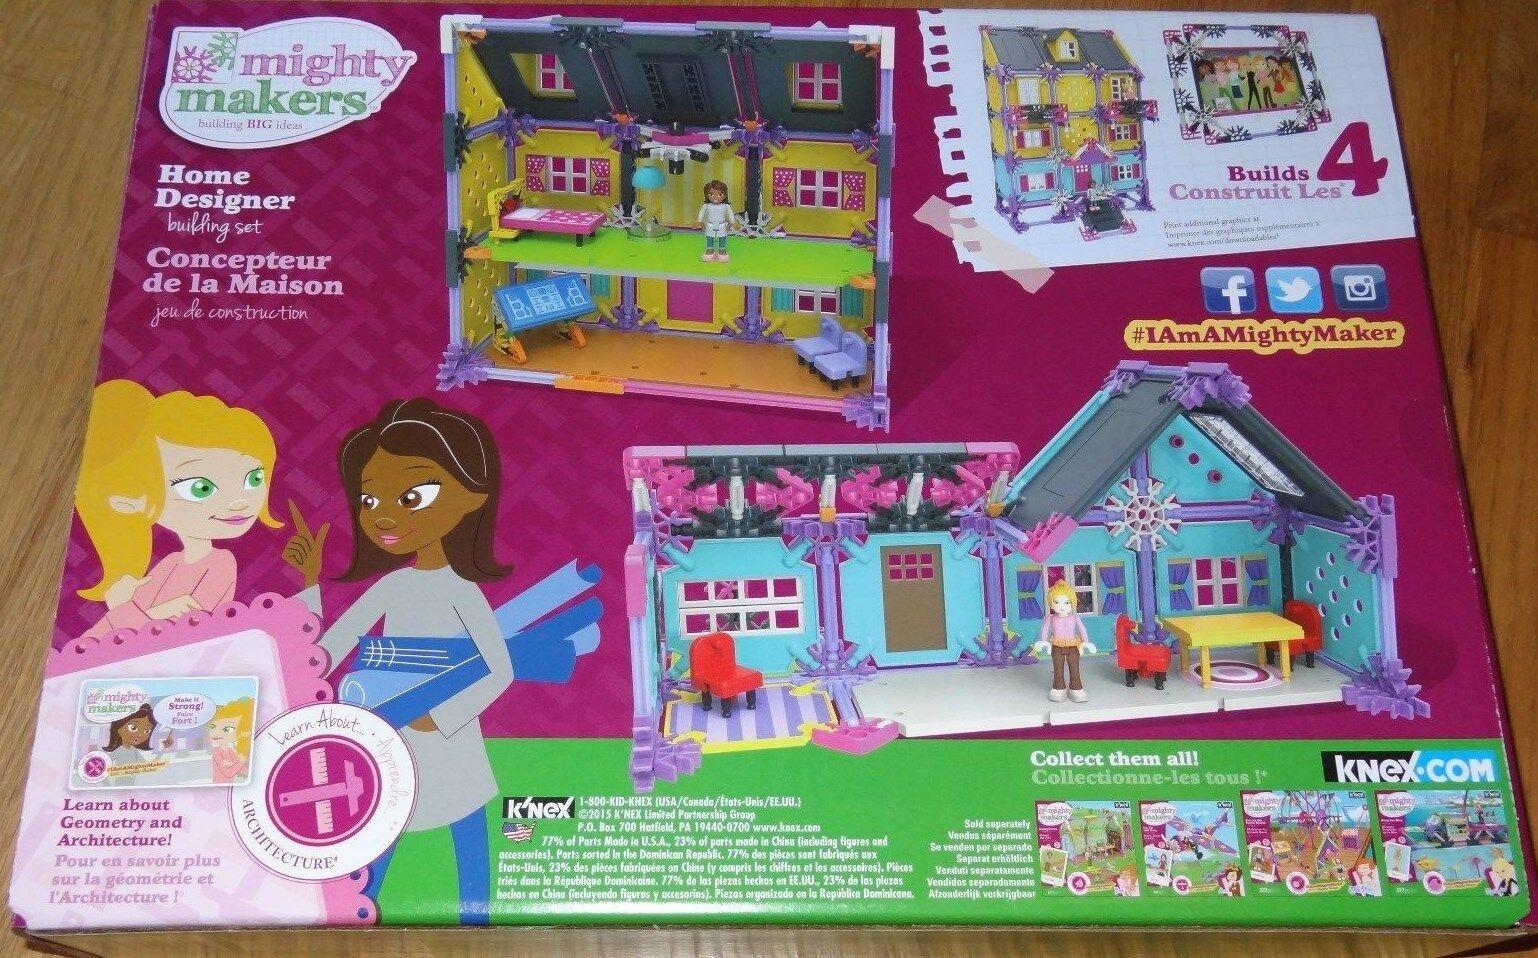 Mighty Makers Home Designer K'NEX Building Building Building Set Construction Toy KNEX 43535 49e49b